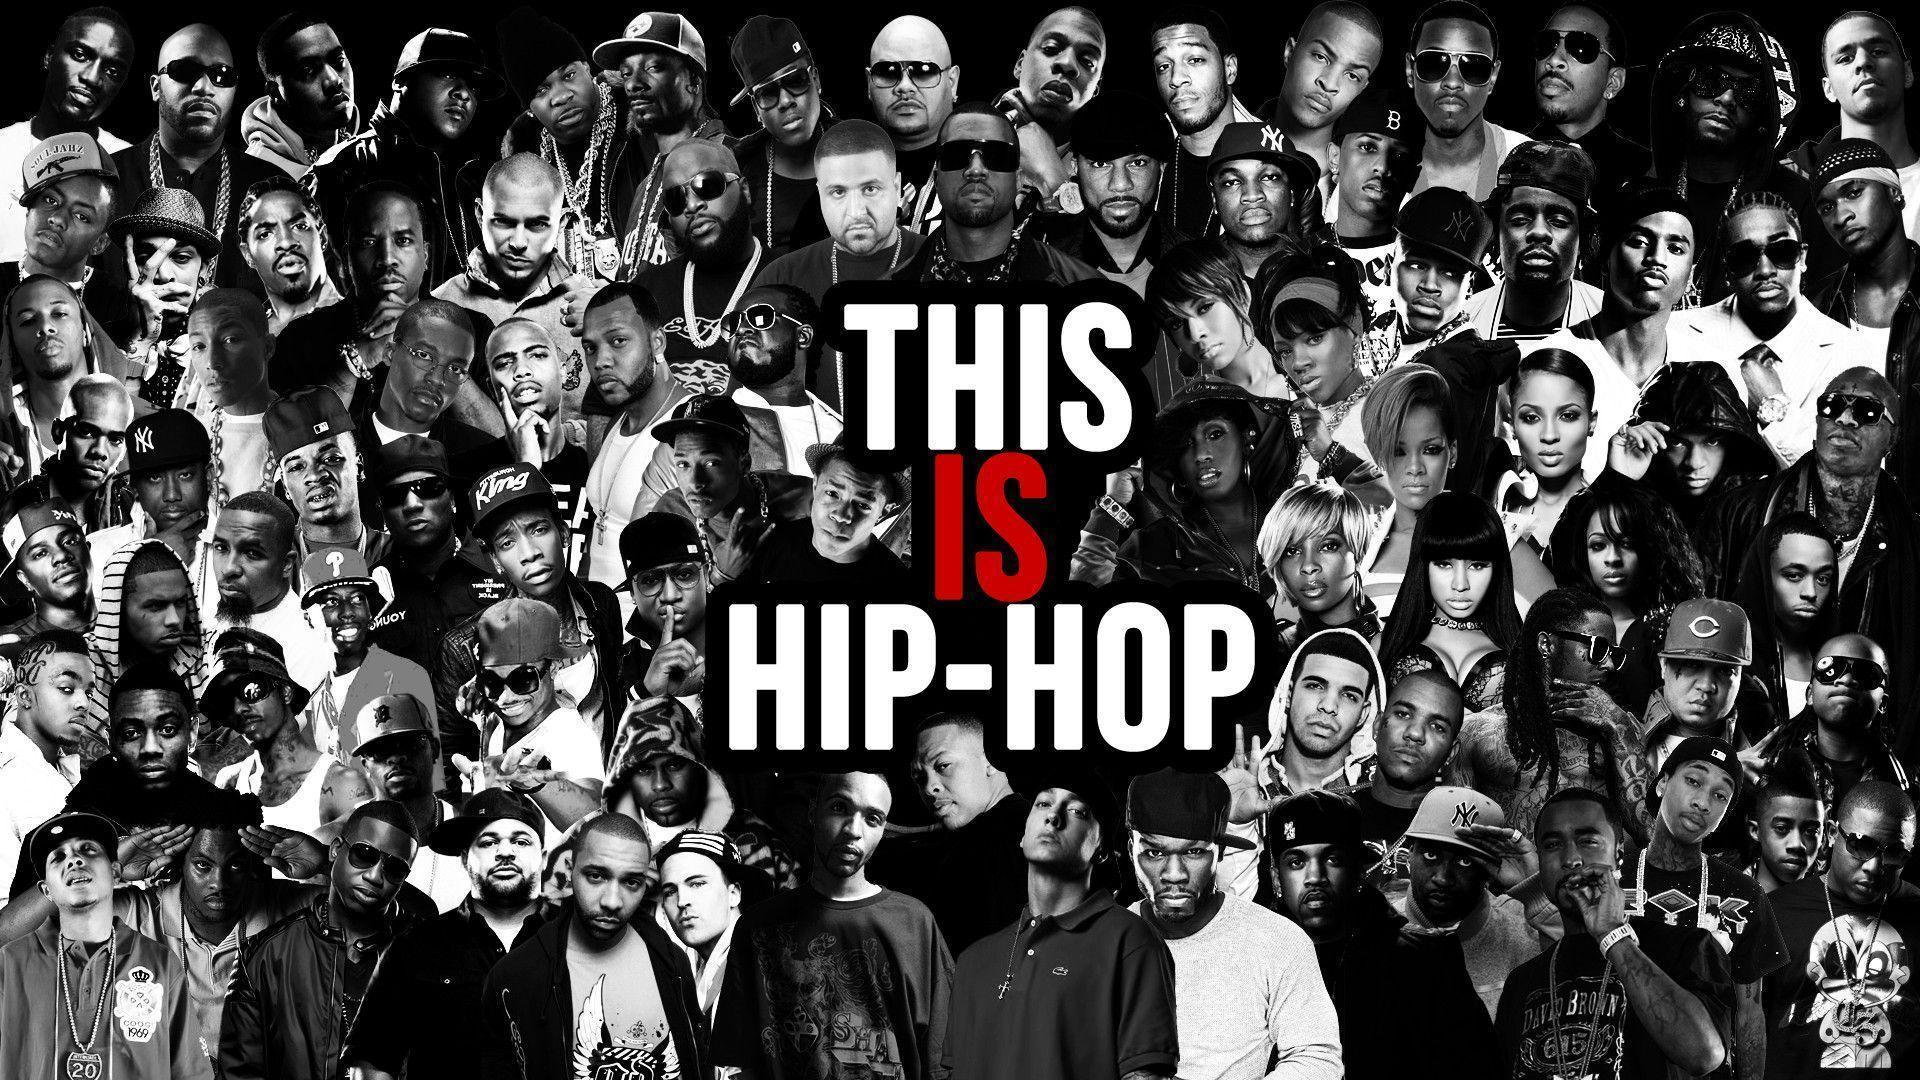 Hip hop adult picture 68